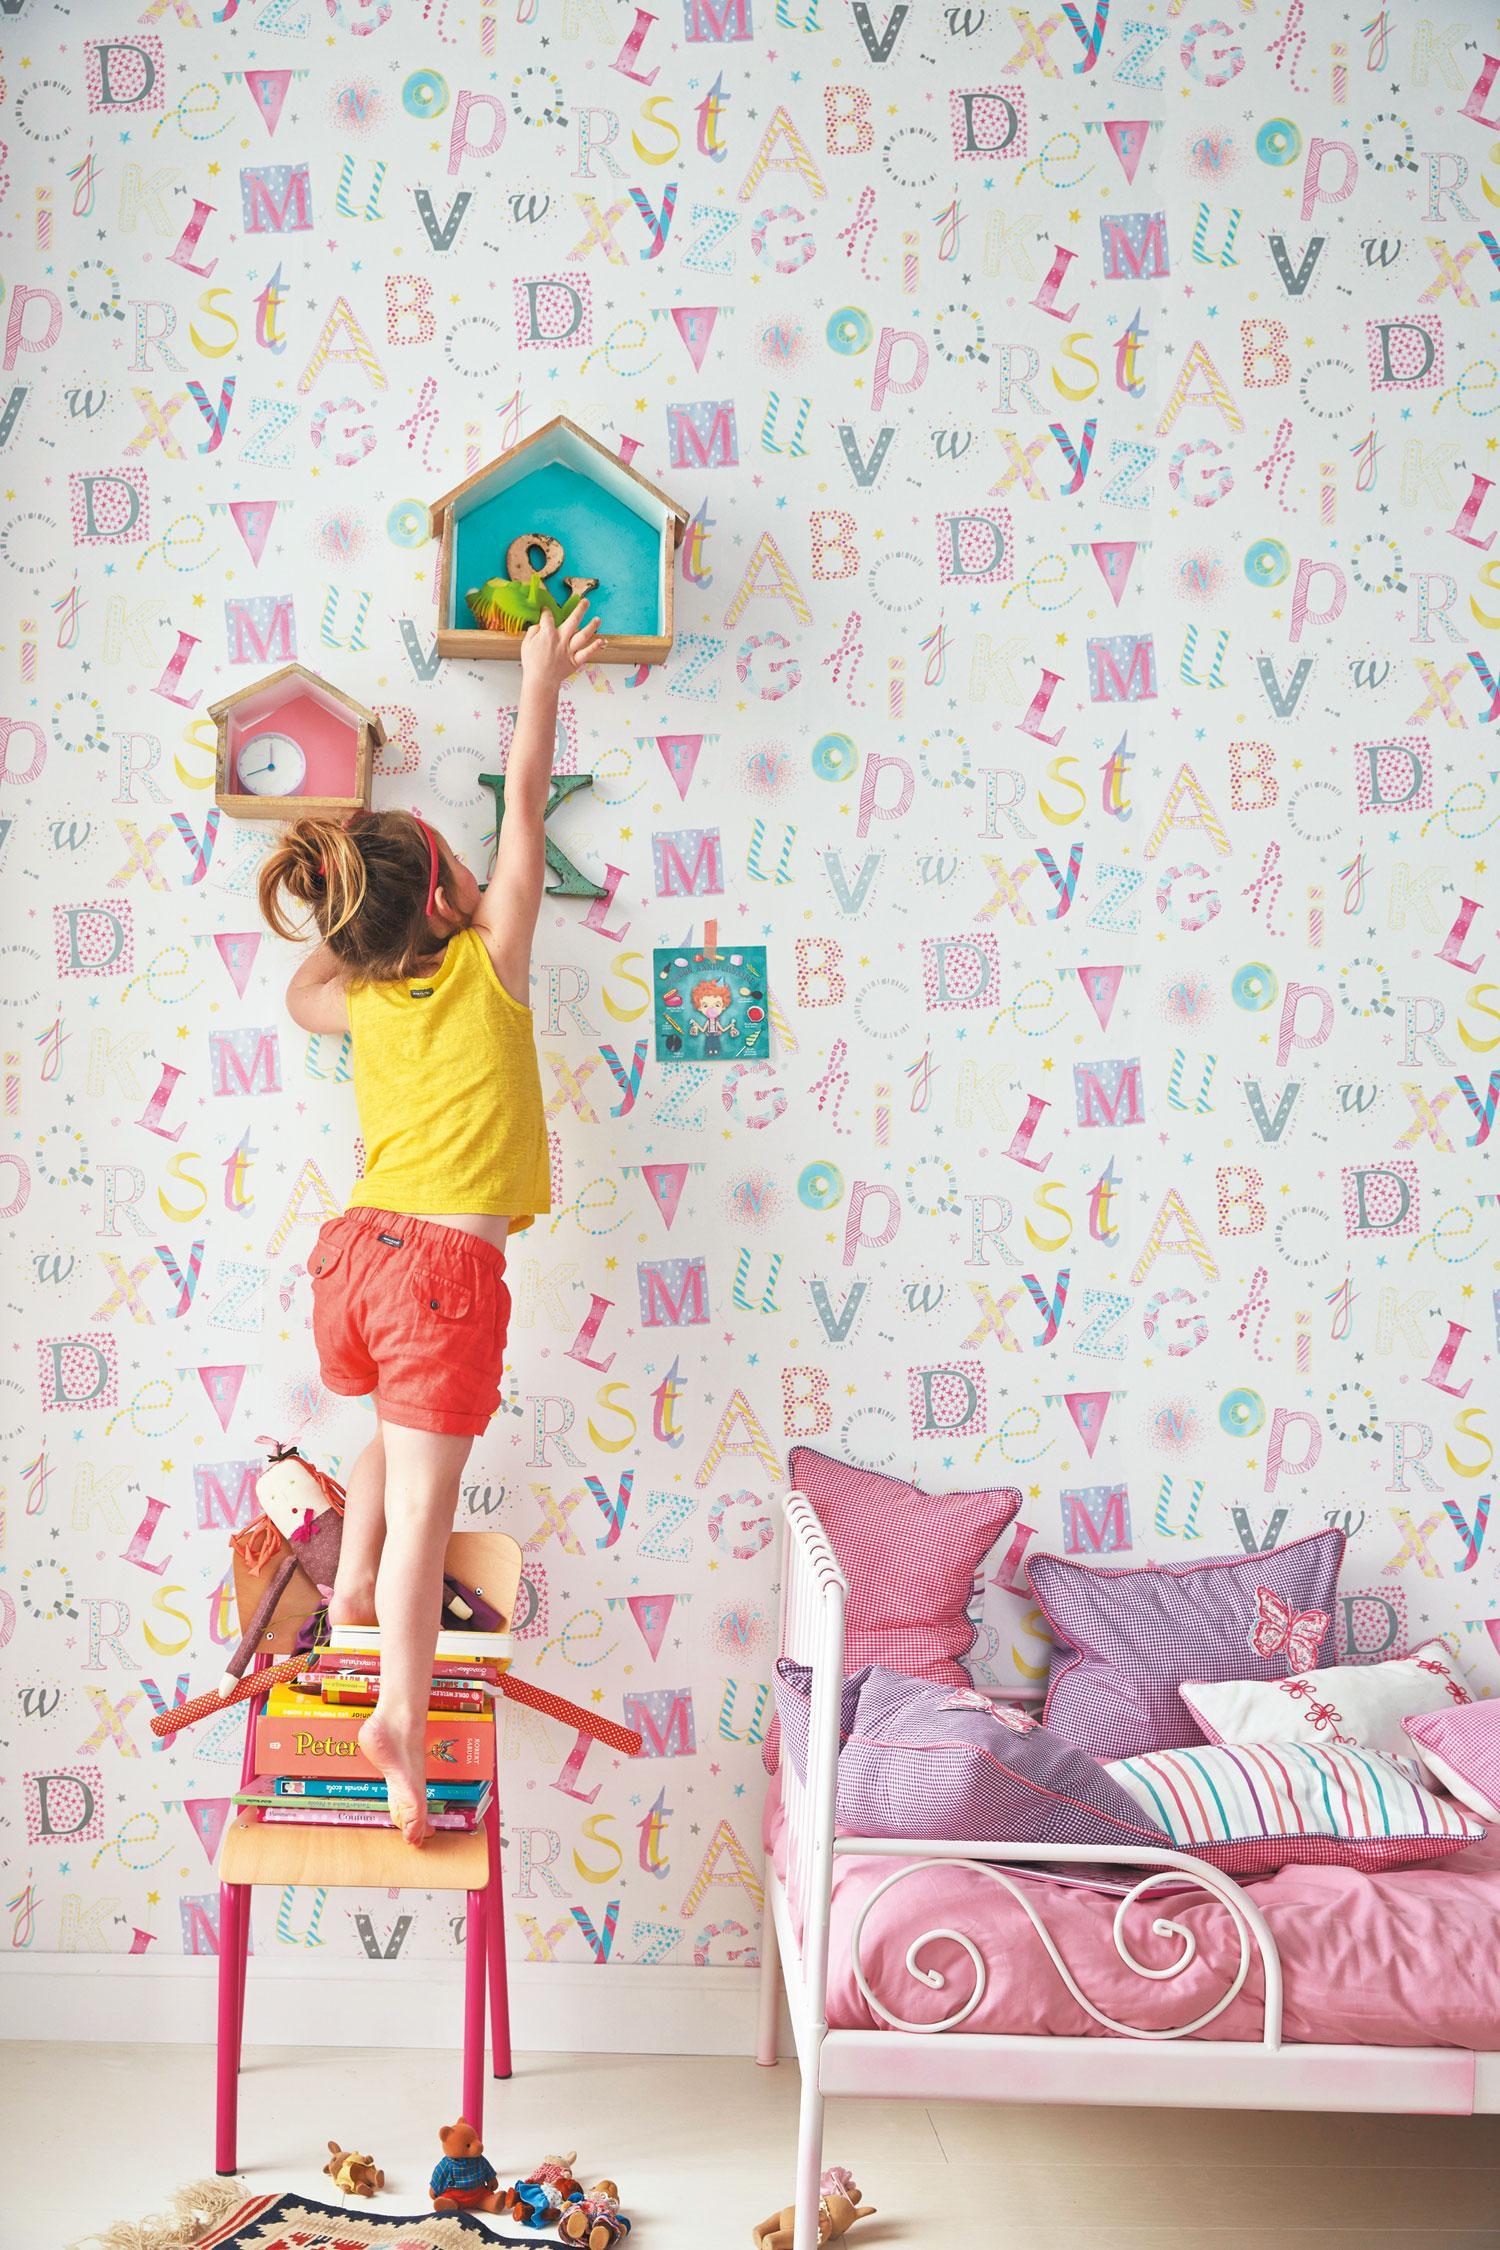 Wandgestaltung Für Das Kinderzimmer • Bilder & Ideen